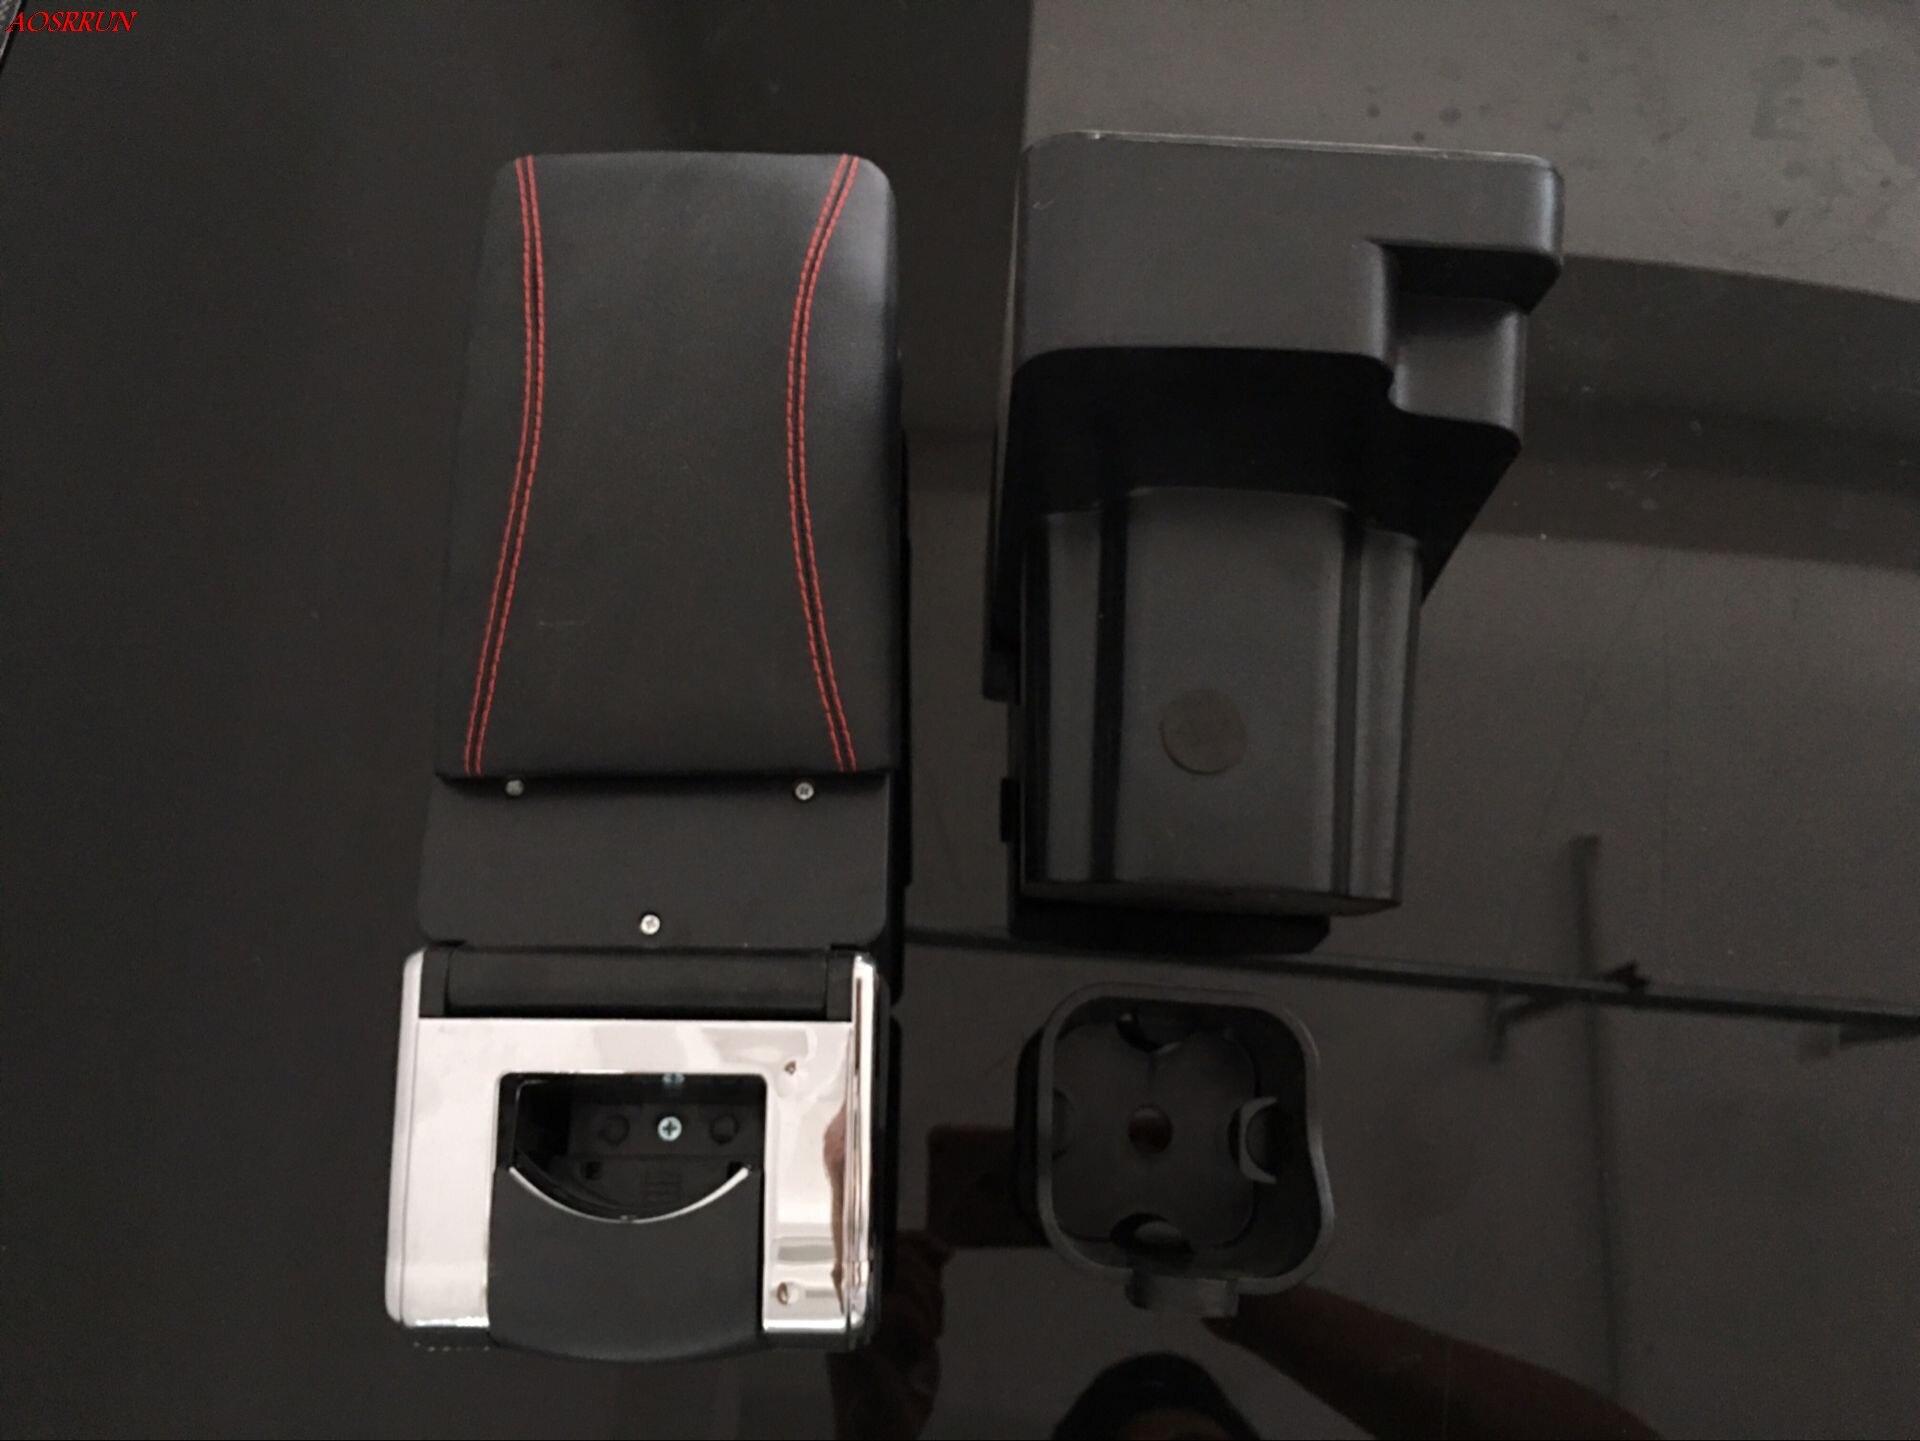 Auto armlehne zentrale Speicher inhalt aufbewahrungsbox mit getränkehalter aschenbecher zubehör für Nissan juke 2012-2015